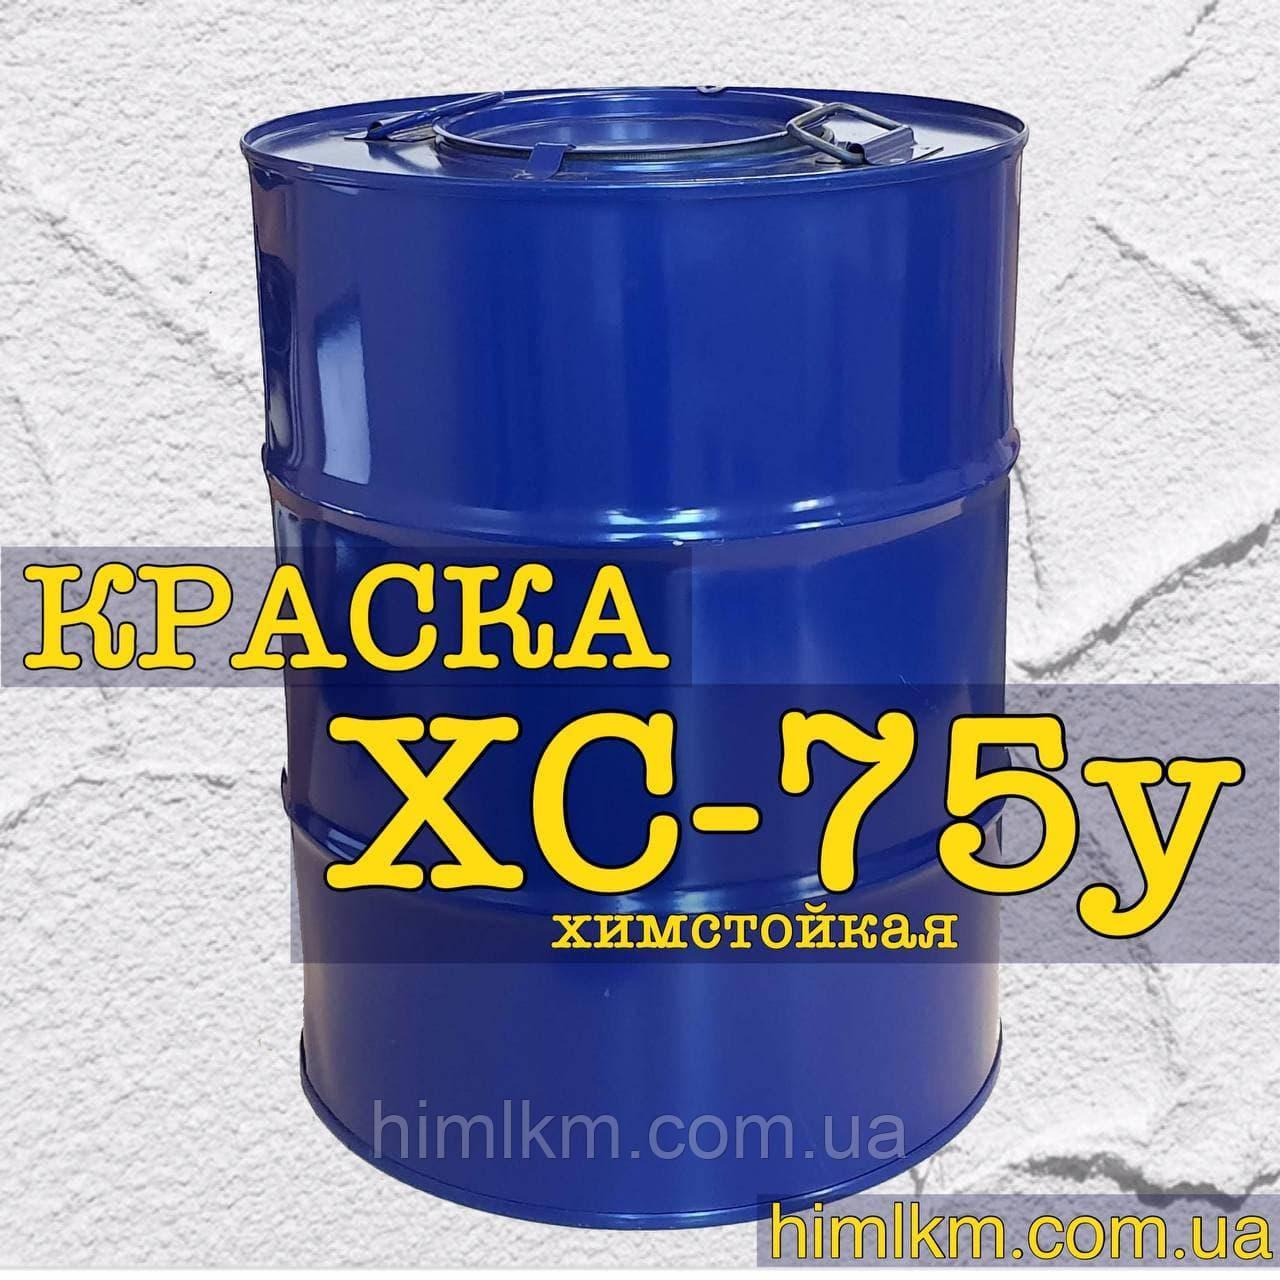 Краска ХС-75у химстойкая для окраски приборов, эксплуатируемых в условиях тропического климата, 50кг